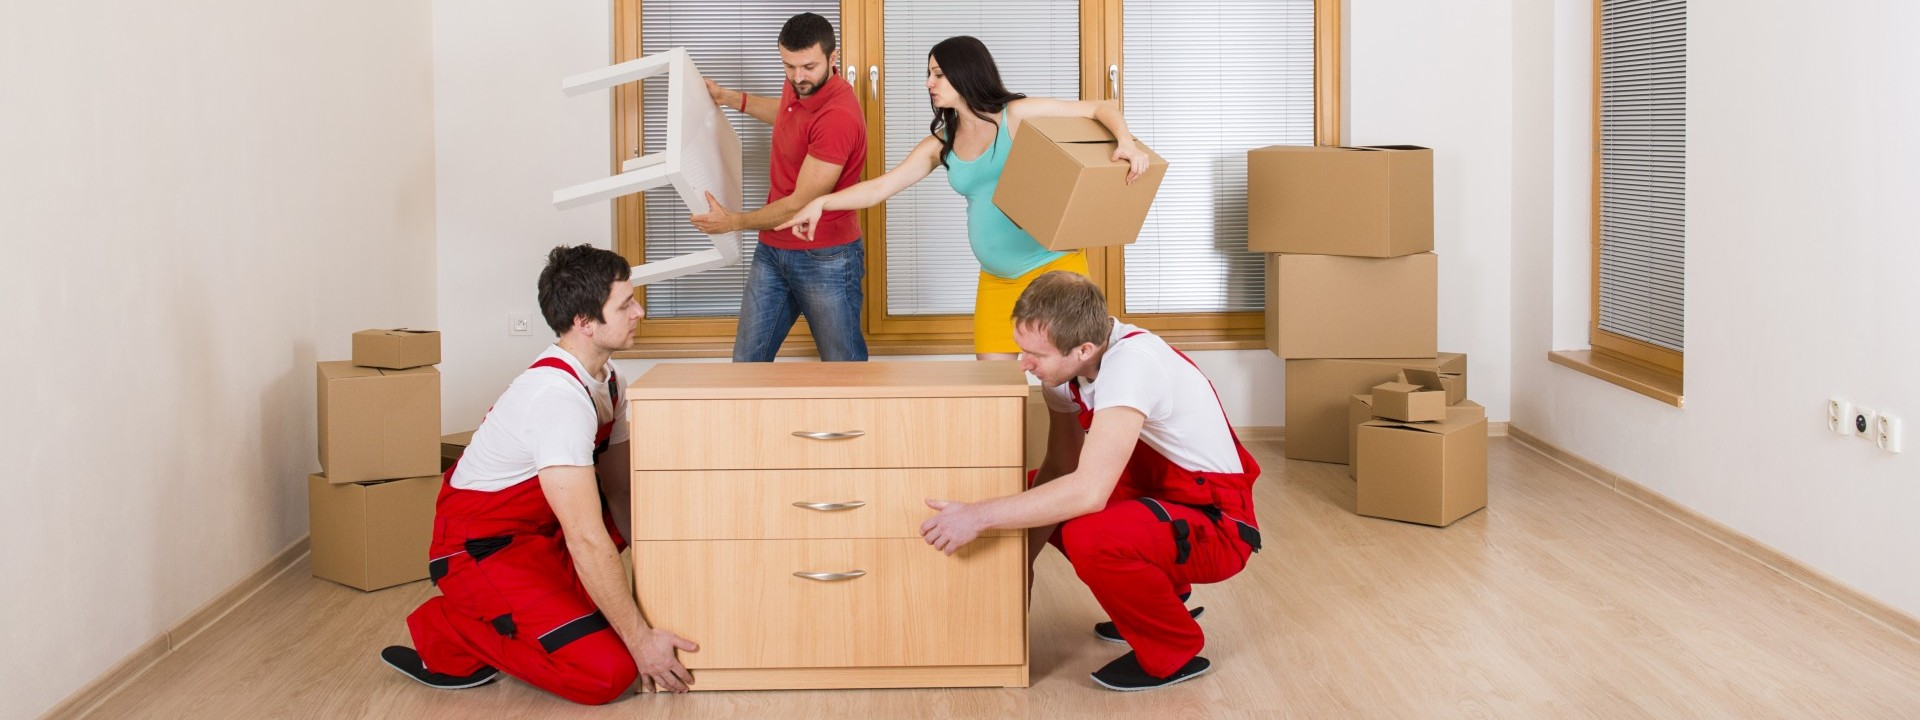 On peut voir 4 personnes entrain de déménager une maison